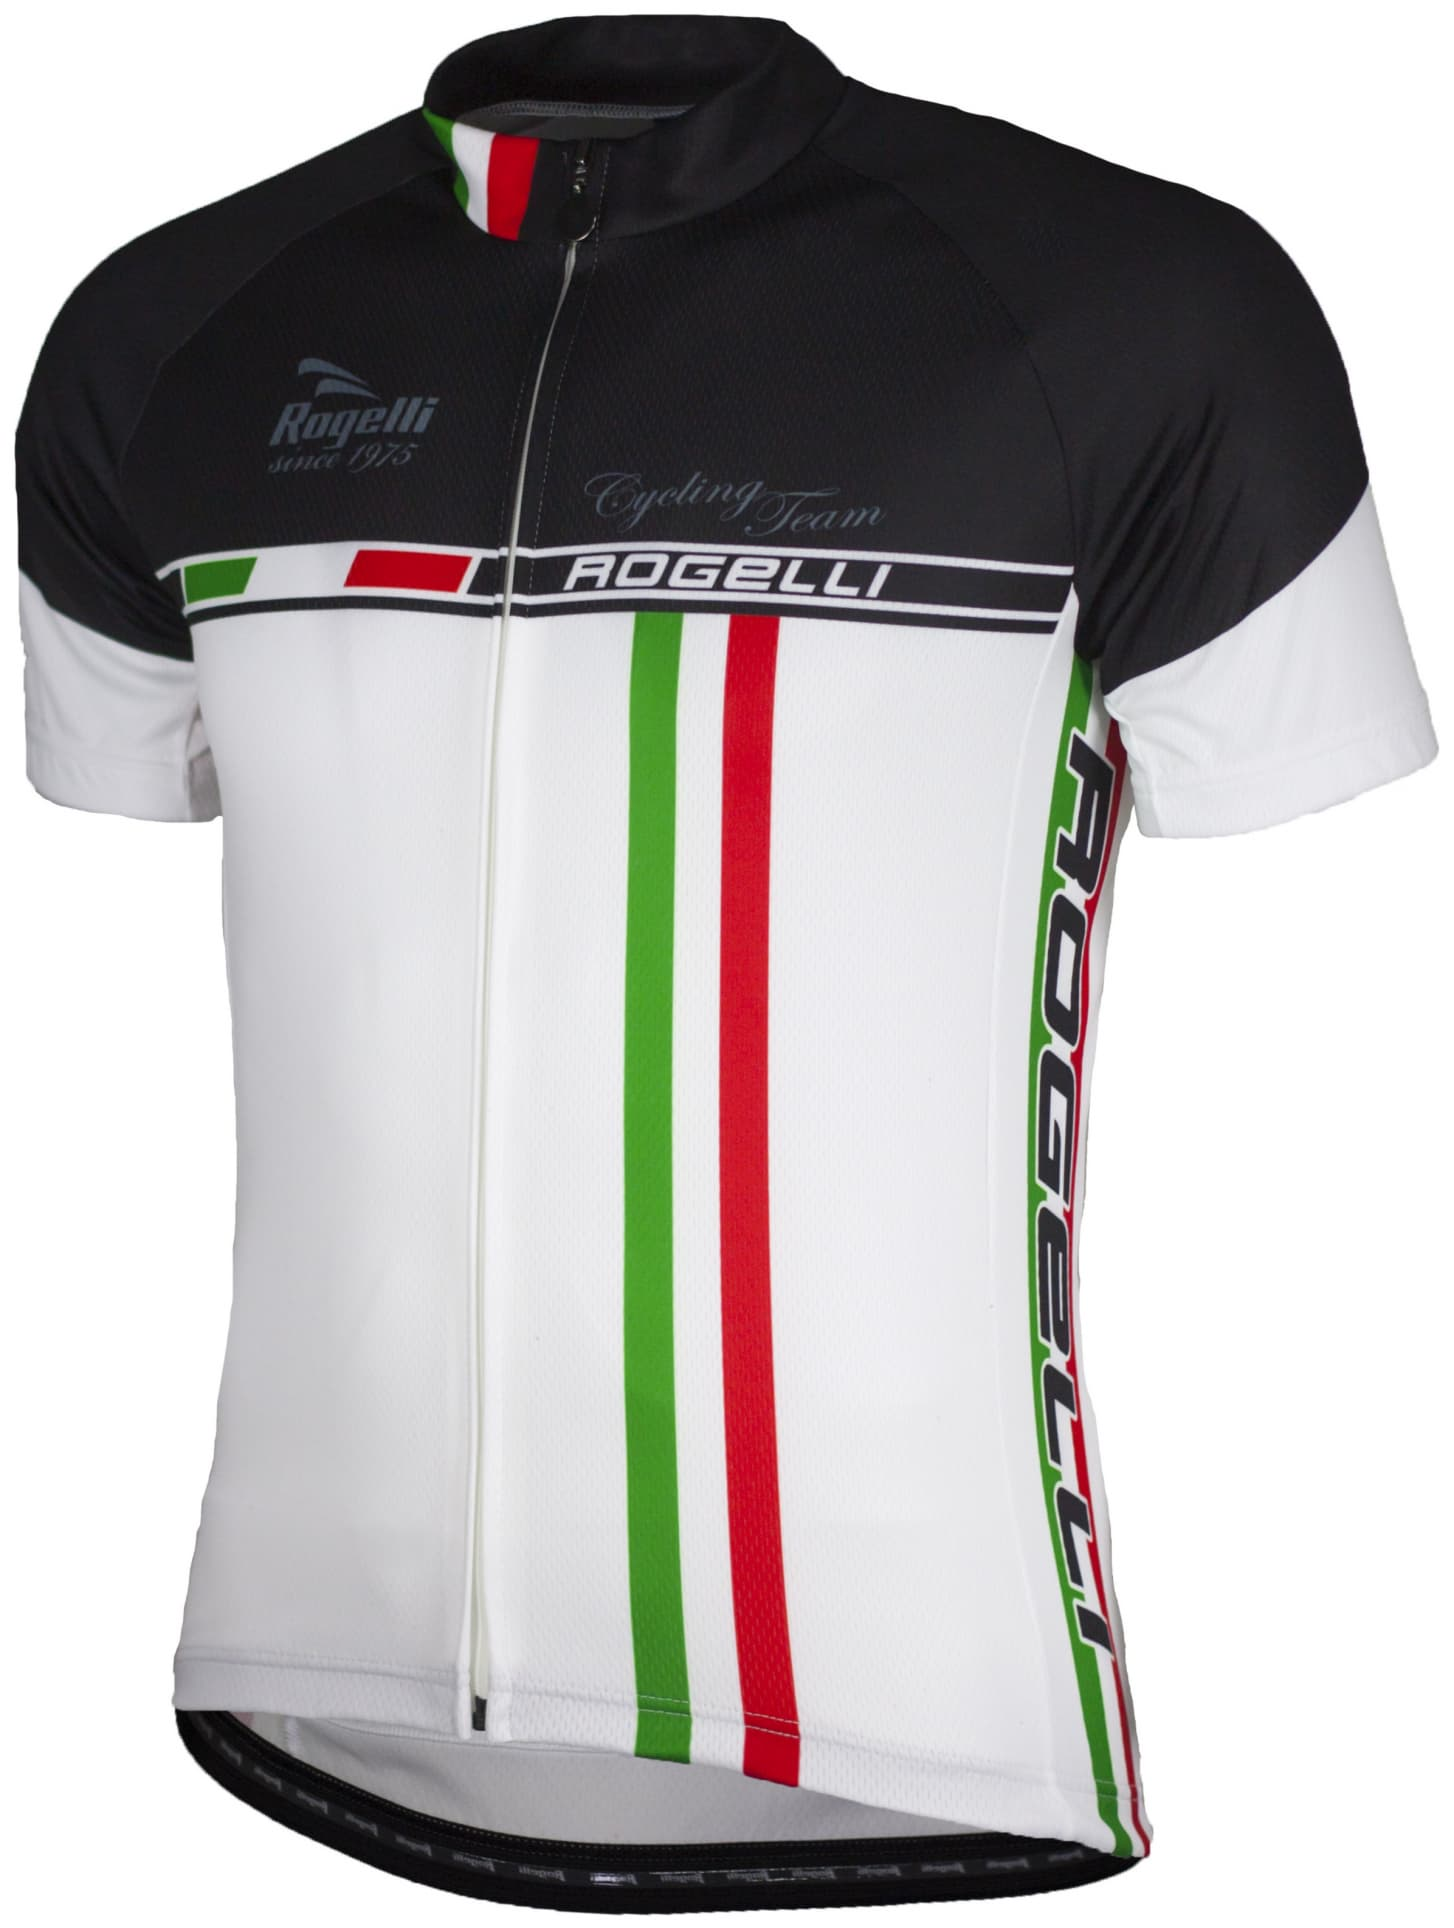 Koszulka kolarska z możliwością nadruku Rogelli SOLID, biała